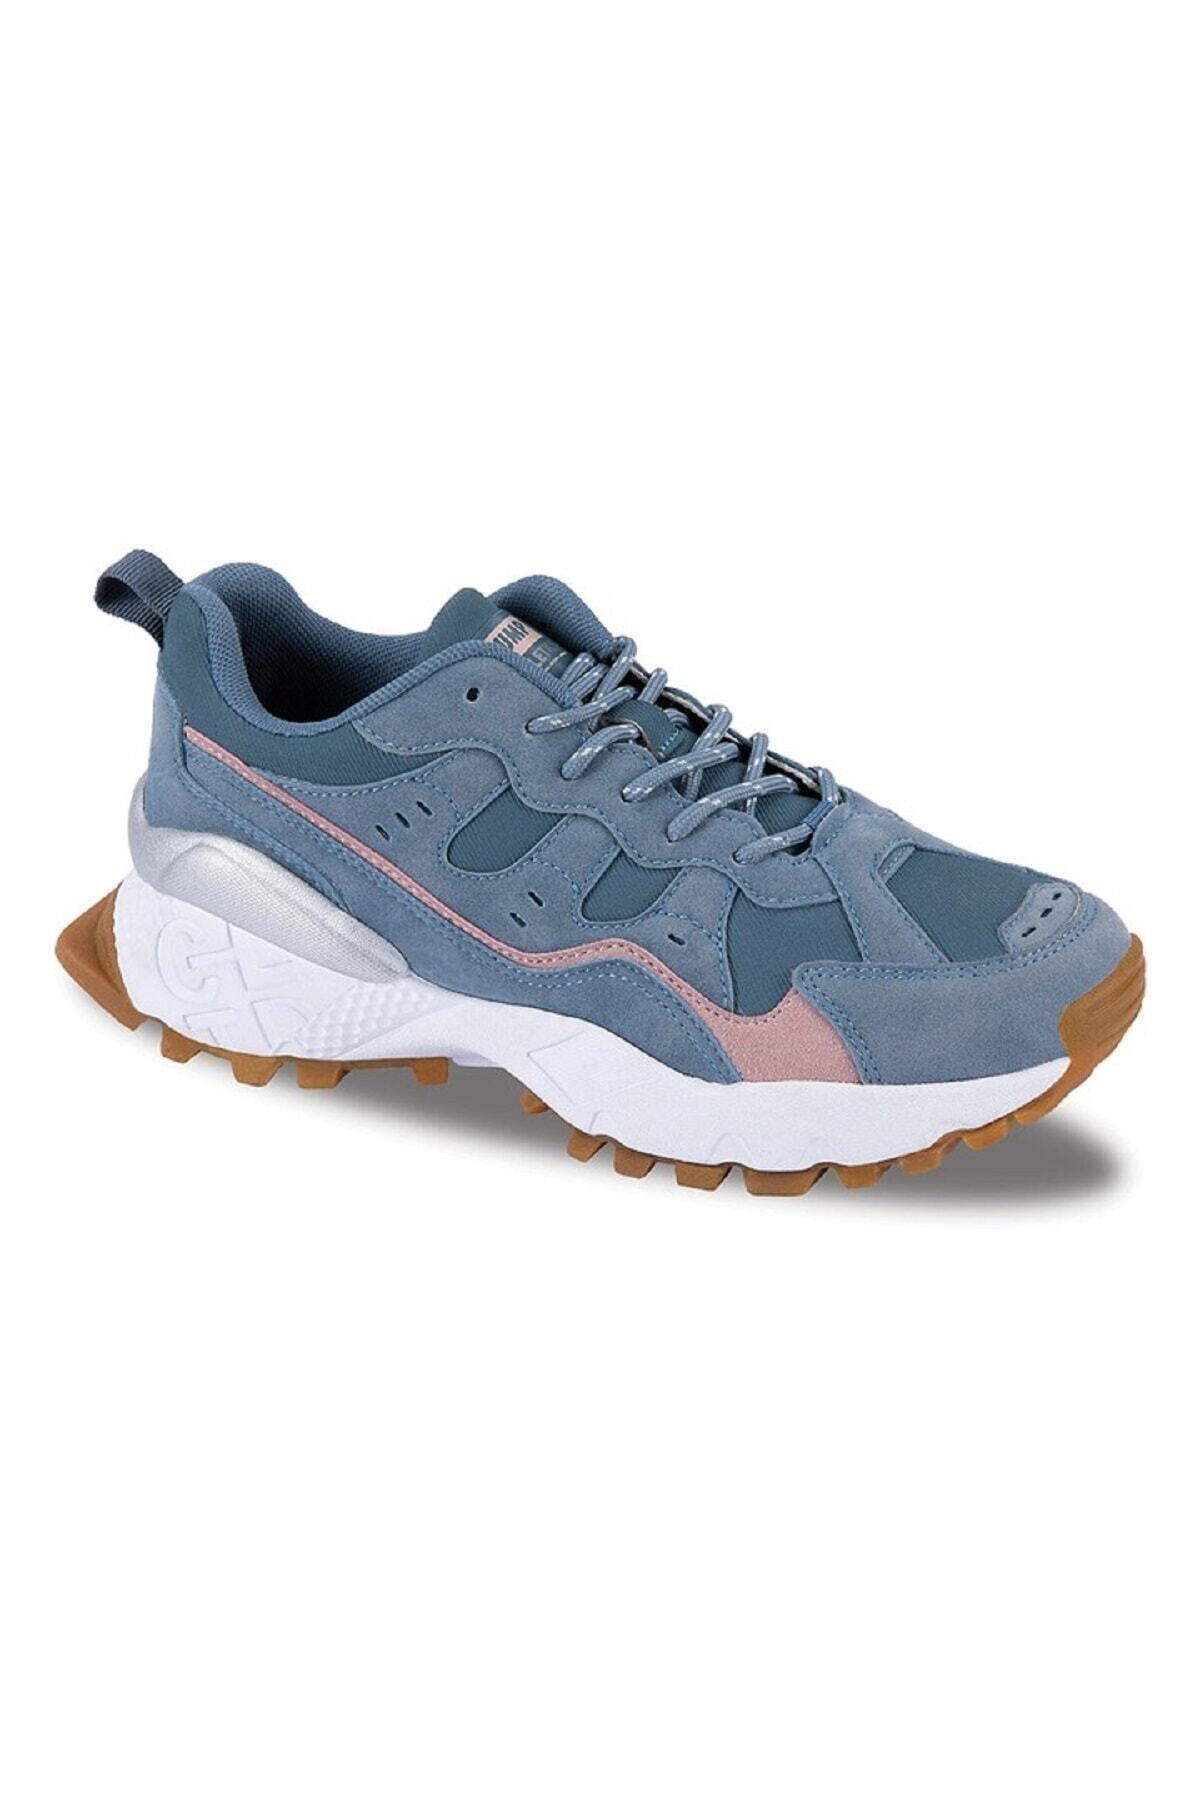 Jump 25760 Kadın Outdoor Spor Ayakkabı Mavi 1